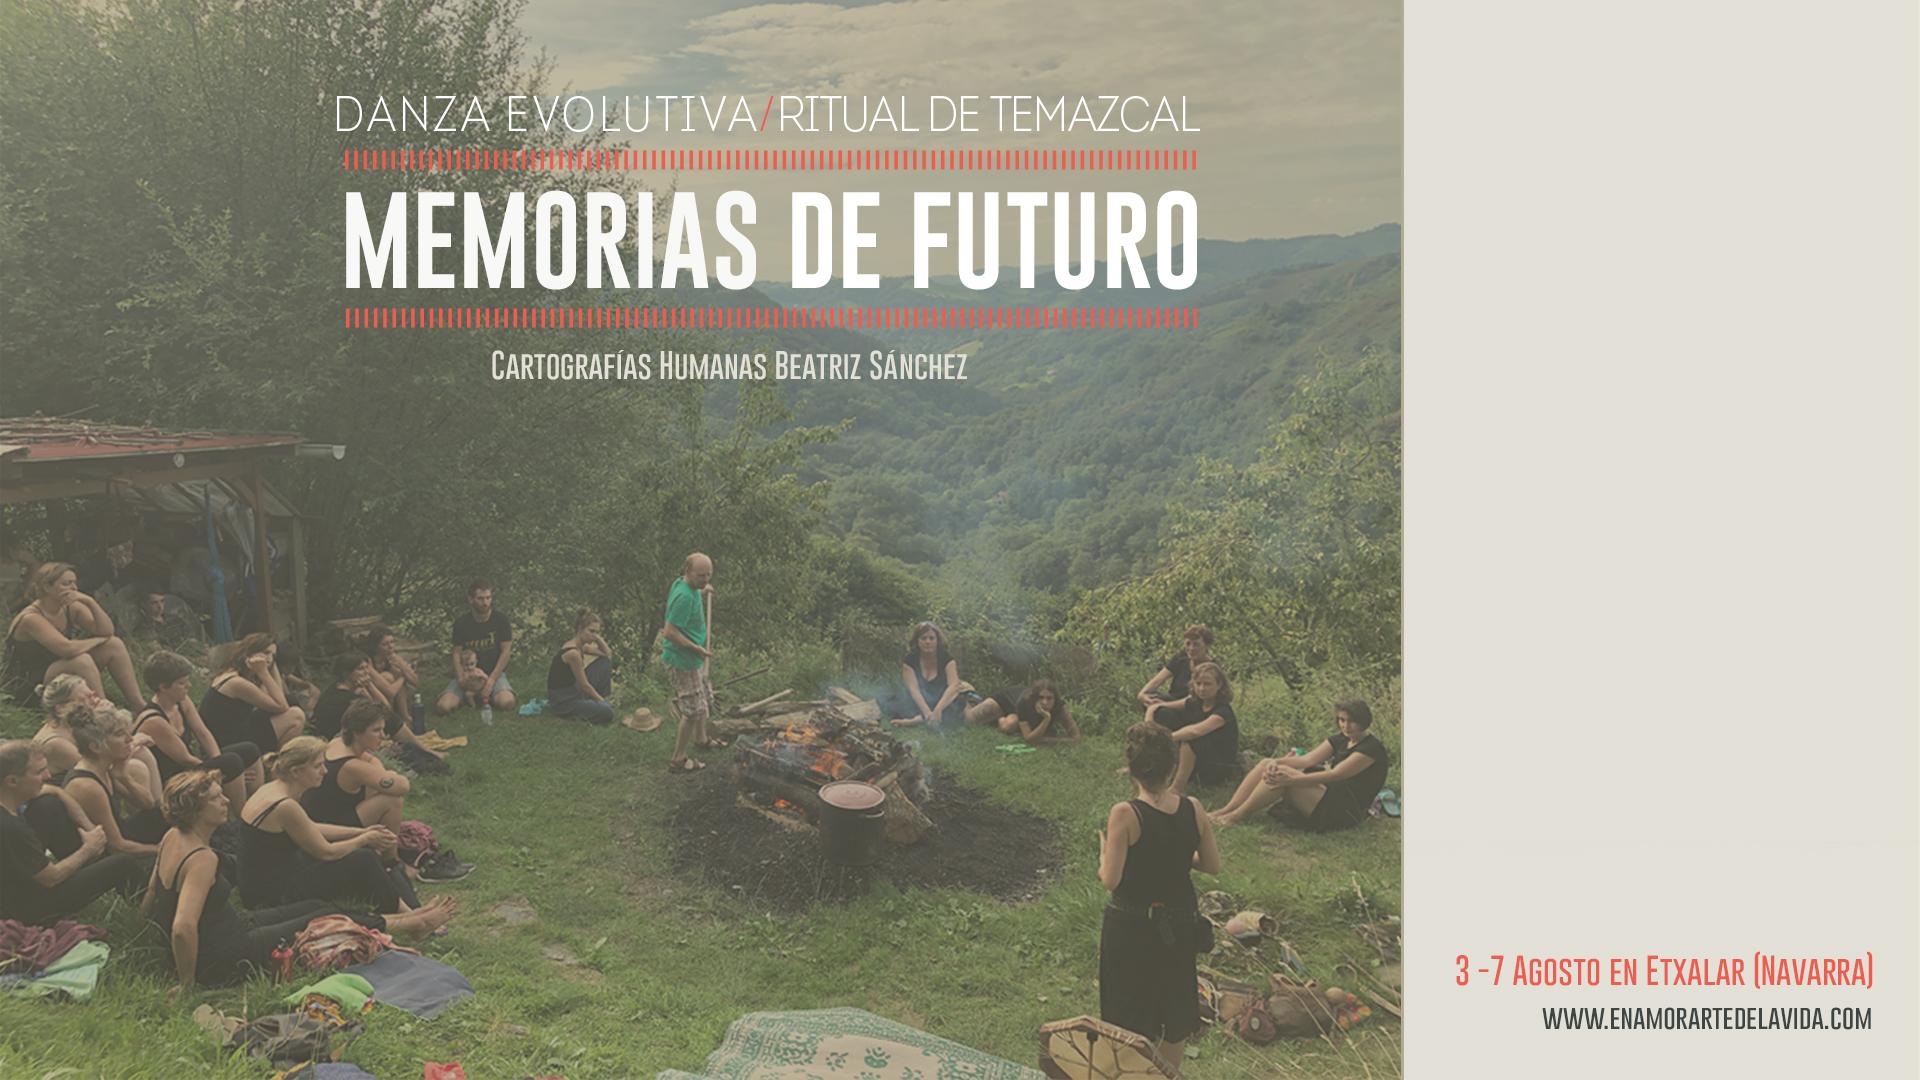 memorias-de-futuro-2020-l